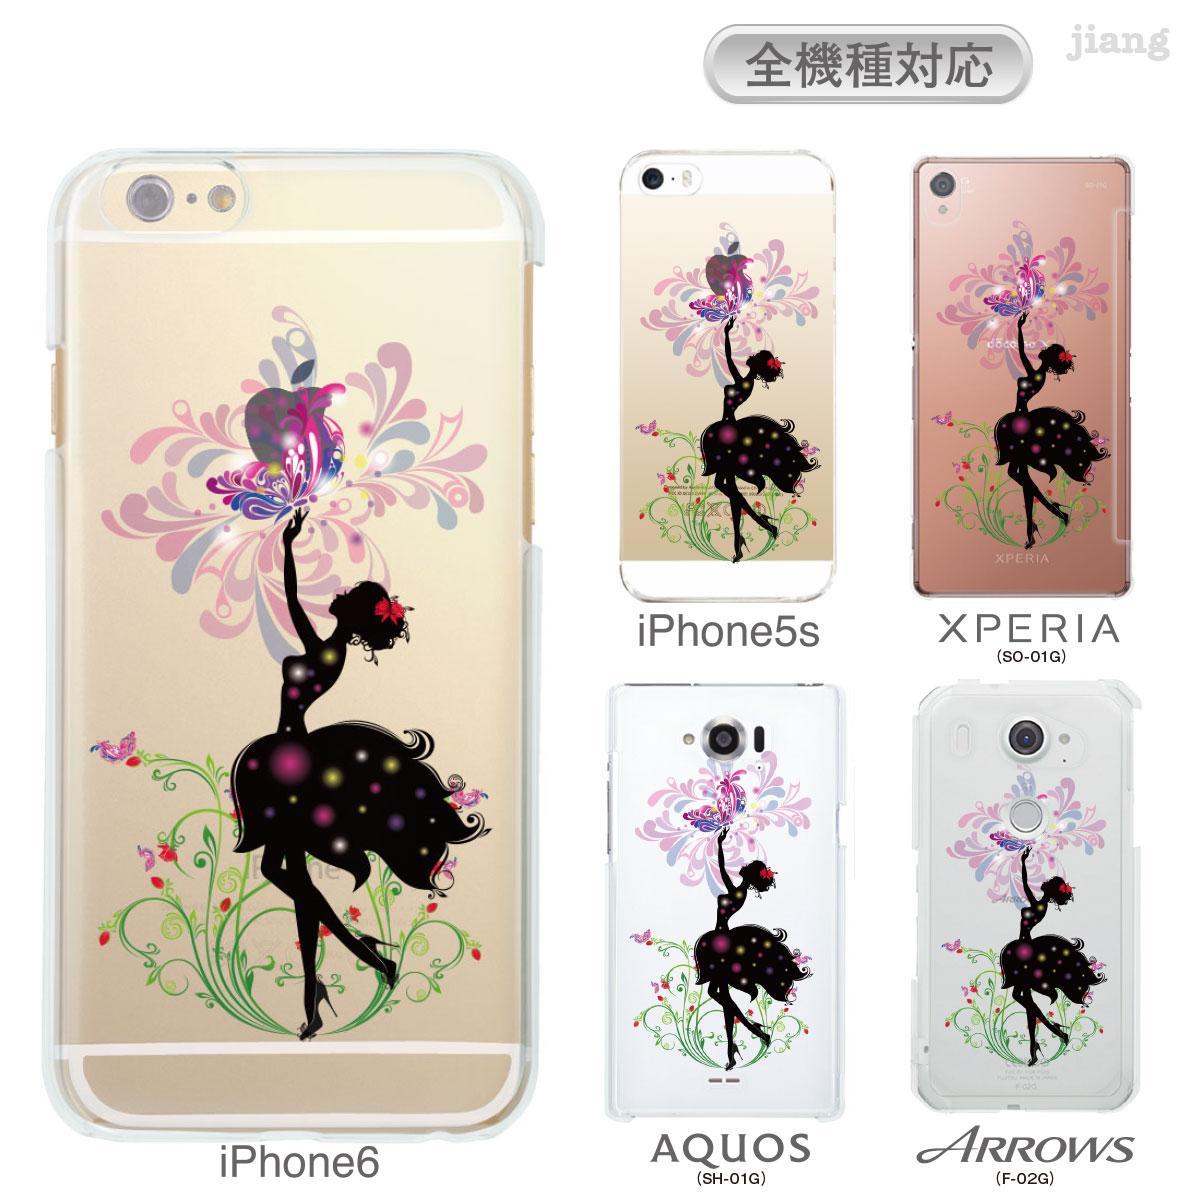 スマホケース 全機種対応 ケース カバー ハードケース クリアケース iPhoneXS Max iPhoneXR iPhoneX iPhone8 iPhone7 iPhone Xperia 1 SO-03L SOV40 Ase XZ3 SO-01L XZ2 XZ1 XZ aquos R3 sh-04l shv44 R2 sh-04k sense2 galaxy S10 S9 S8 22-zen-ca0502